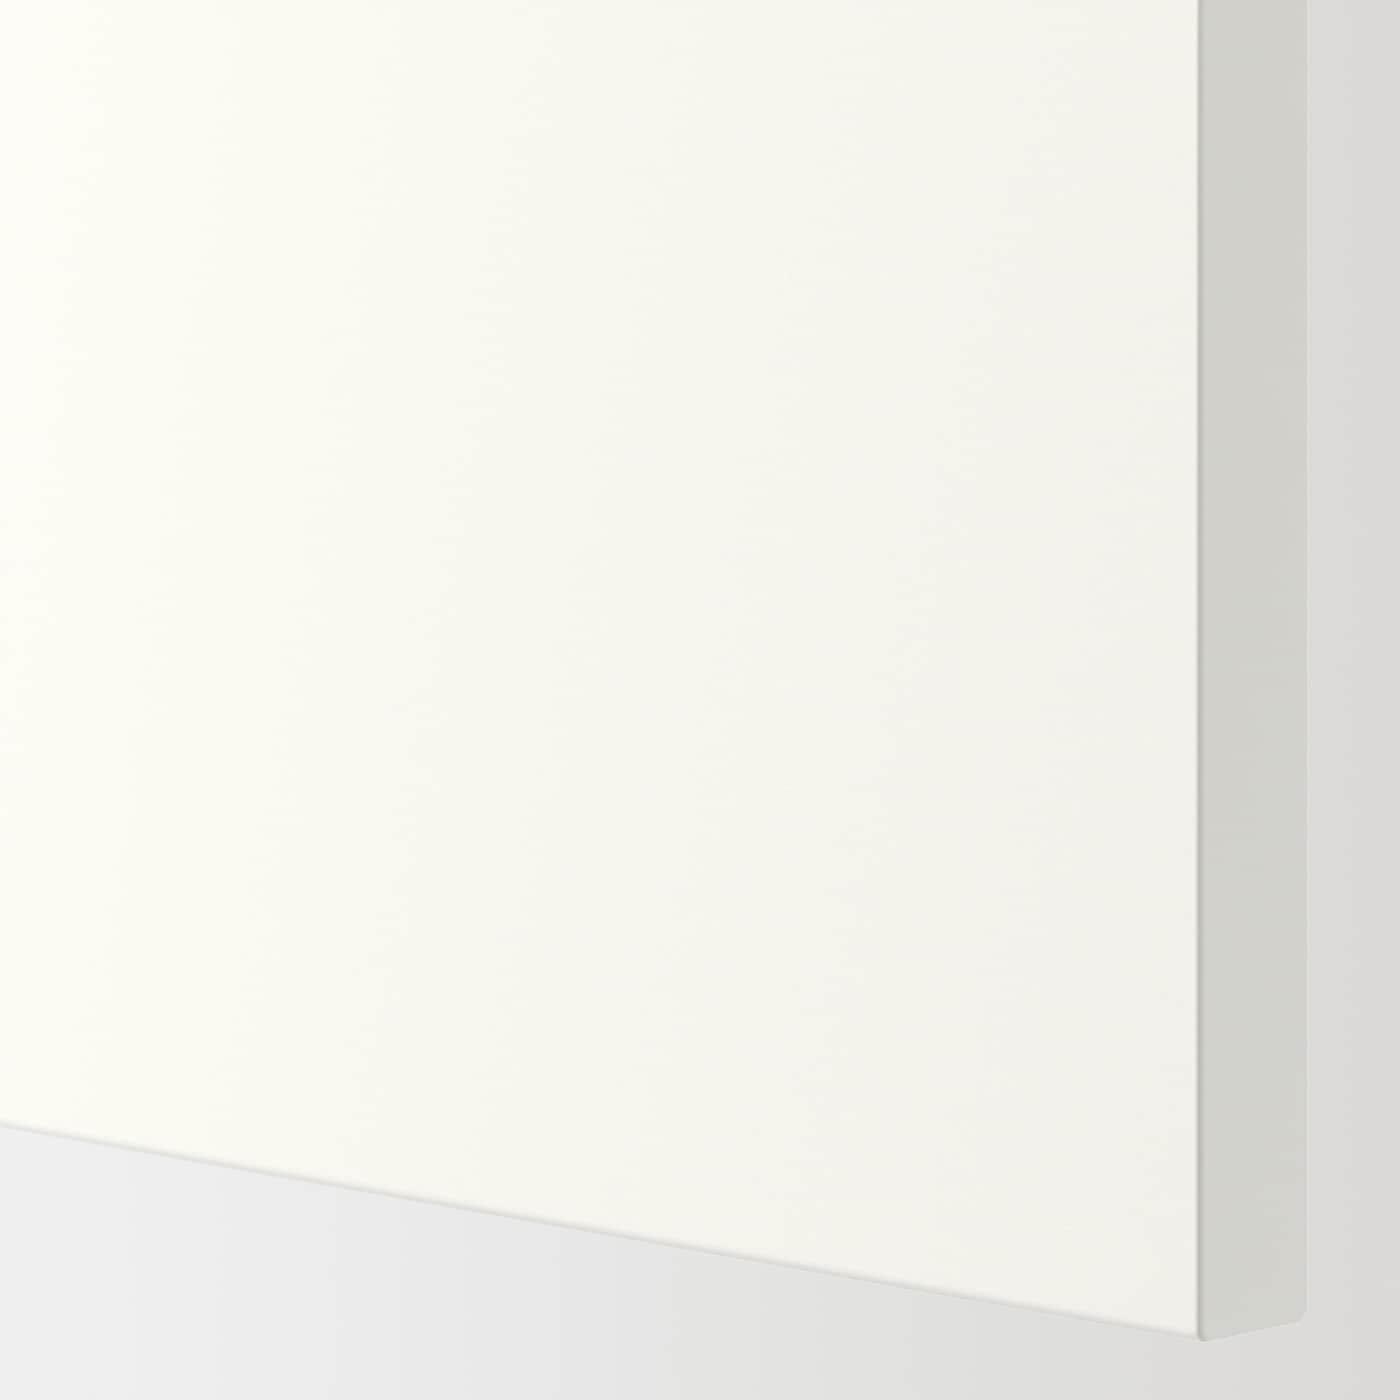 ENHET خزانة علوية مع 4 أرفف/باب, رمادي/أبيض, 30x32x180 سم